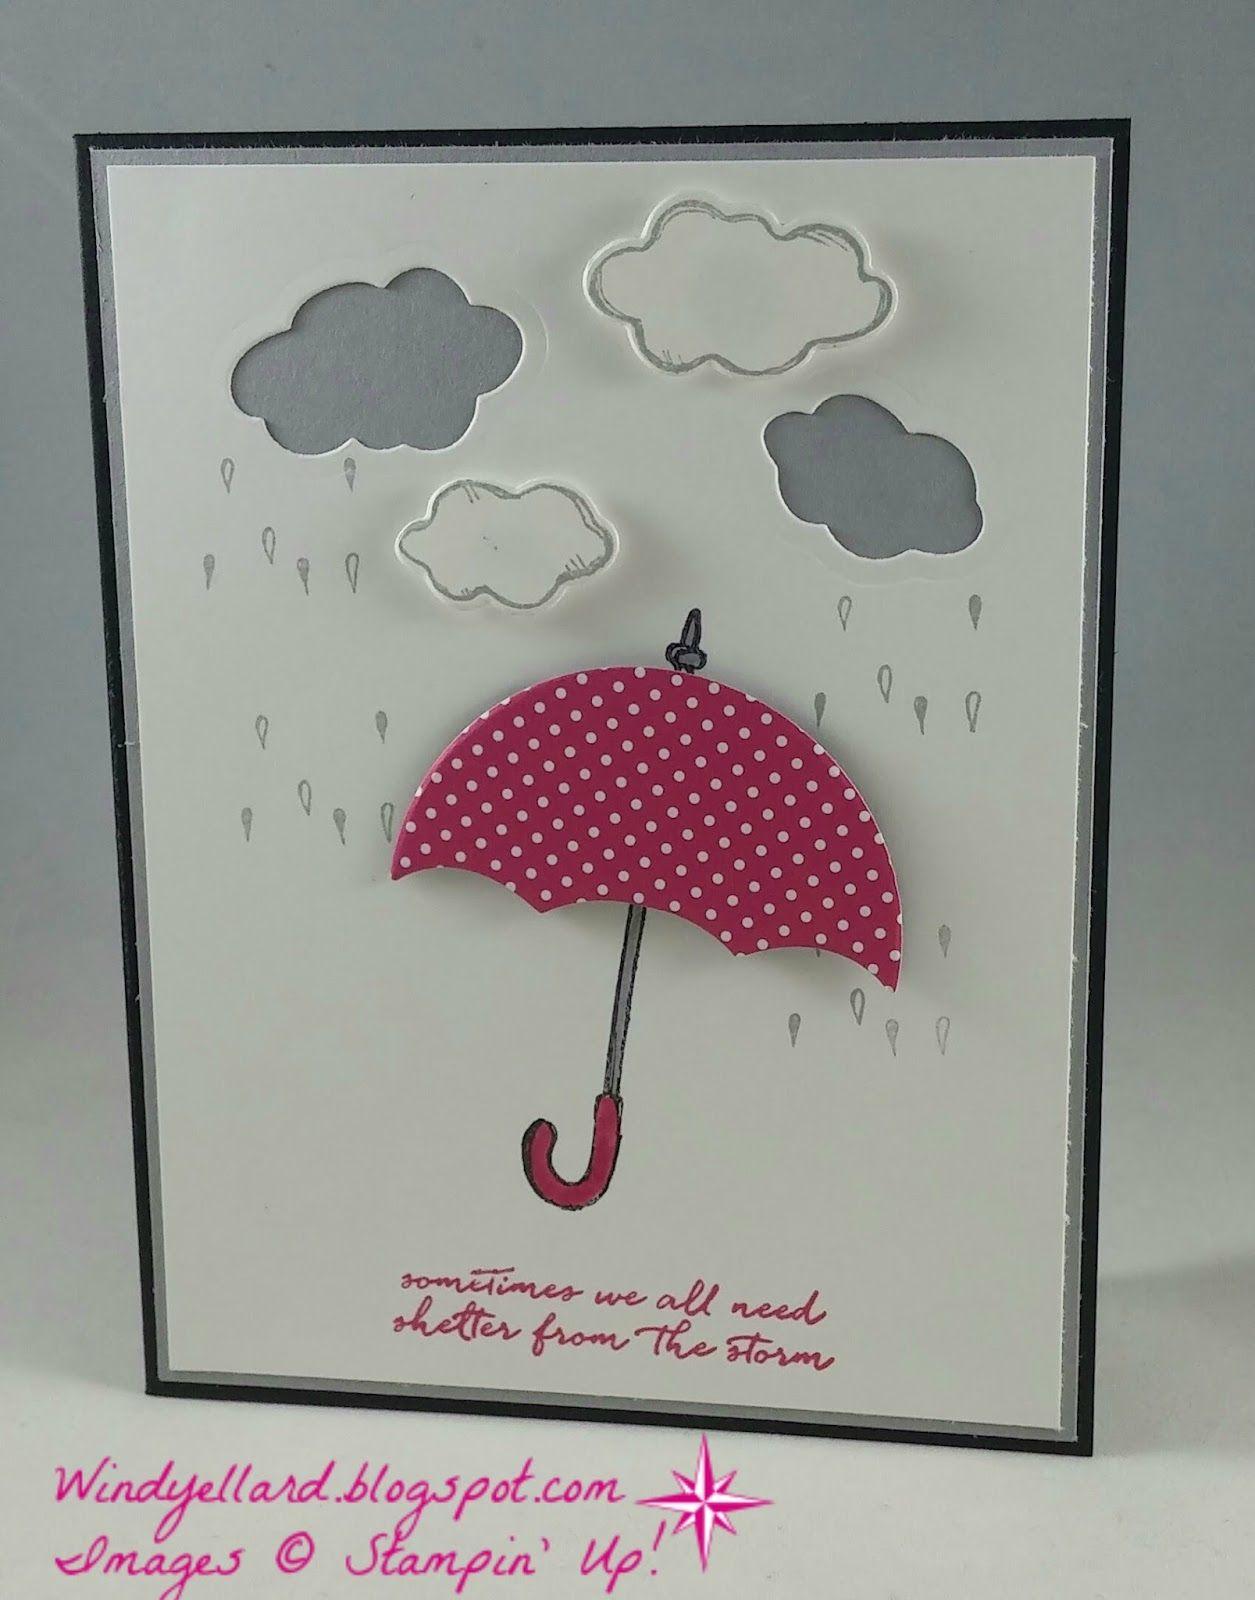 Открытка с объемным зонтом, юля прикол картинки